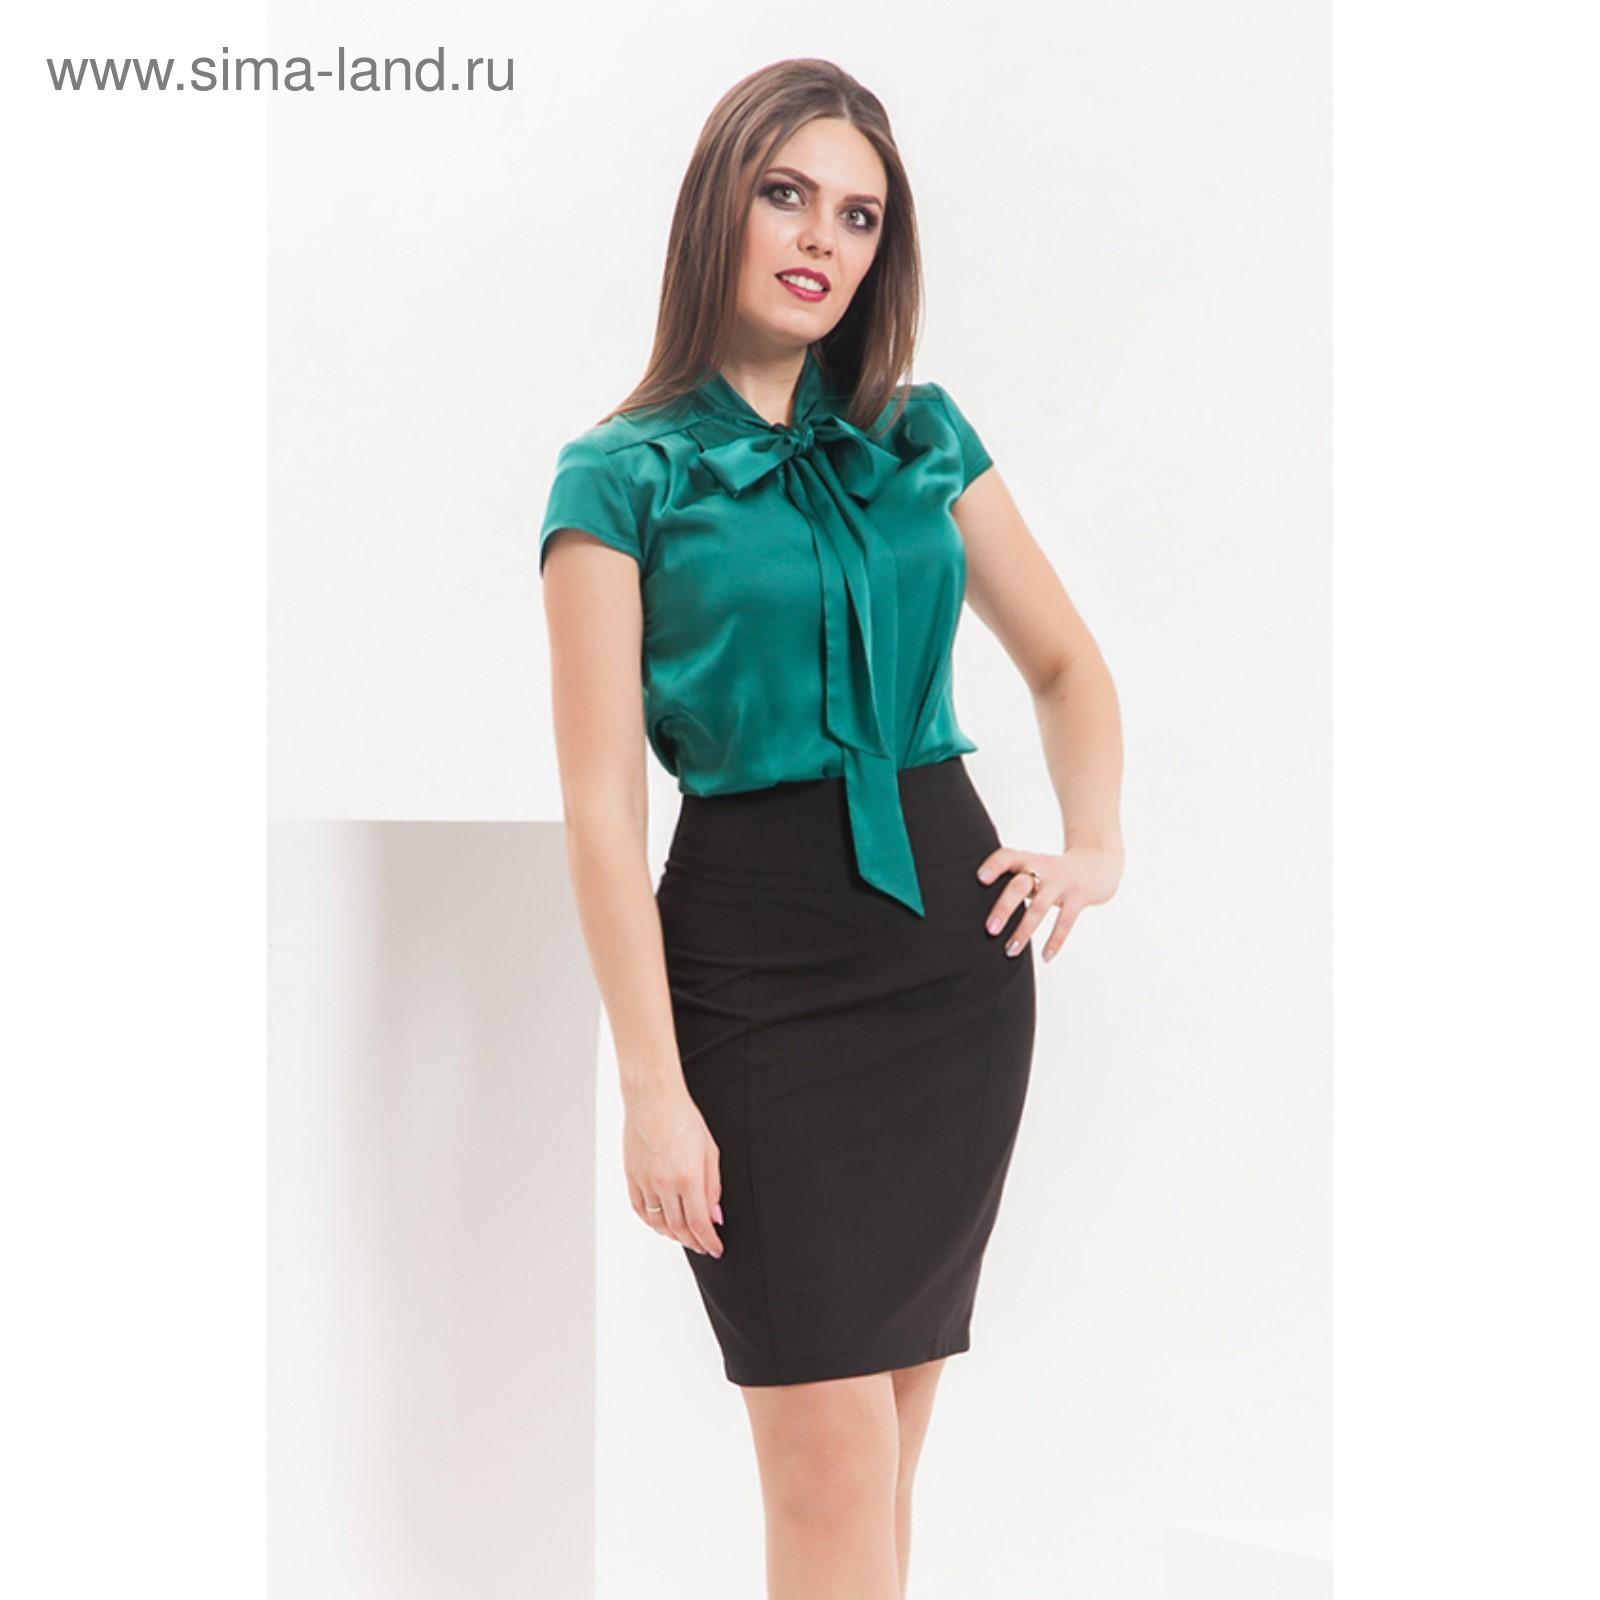 Юбка женская Ю-0184 1, размер 54, цвет чёрный (3687824) - Купить по ... 26f31c27763